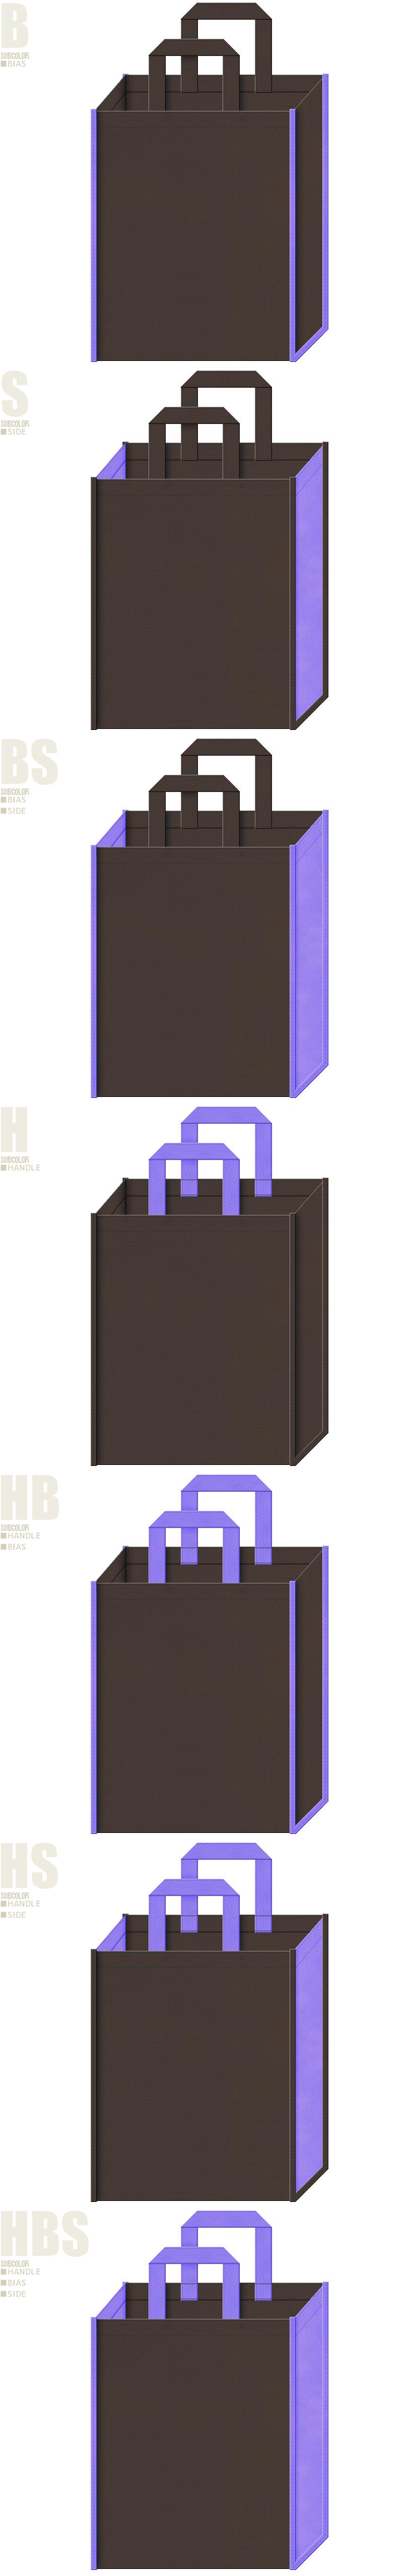 ウィッグ・ヘアカラー・ヘアアクセサリー・ヘアサロン・ヘアケア用品の展示会用バッグにお奨めの不織布バッグのデザイン:こげ茶色と薄紫色の配色7パターン